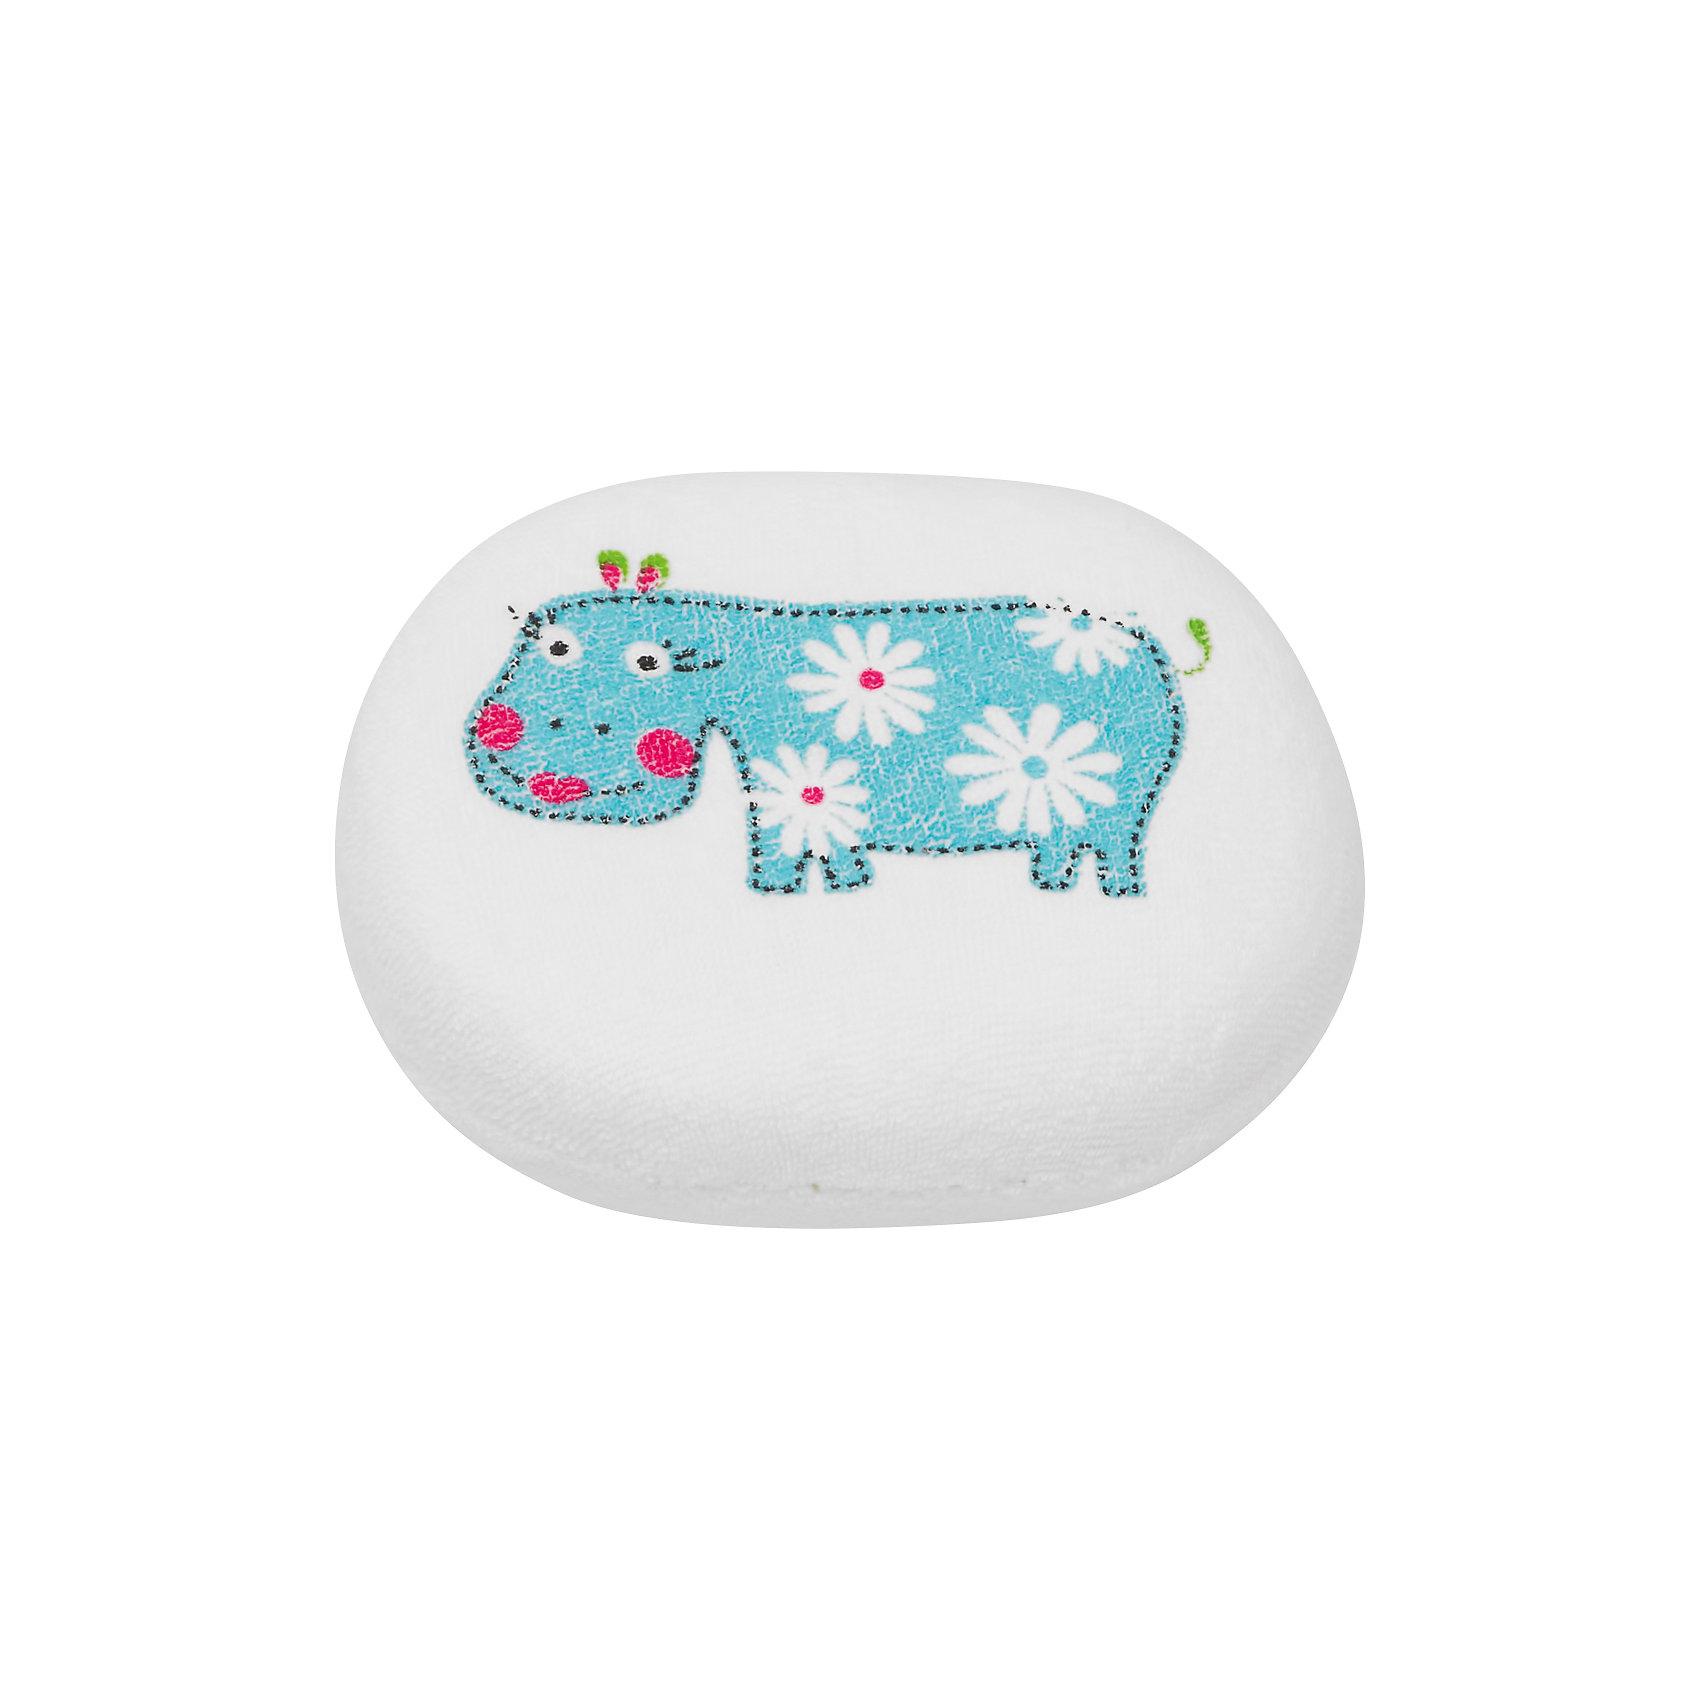 Roxy-Kids Мягкая губка с хлопковым покрытием, Roxy-kids roxy kids круг музыкальный на шею для купания flipper цвет розовый